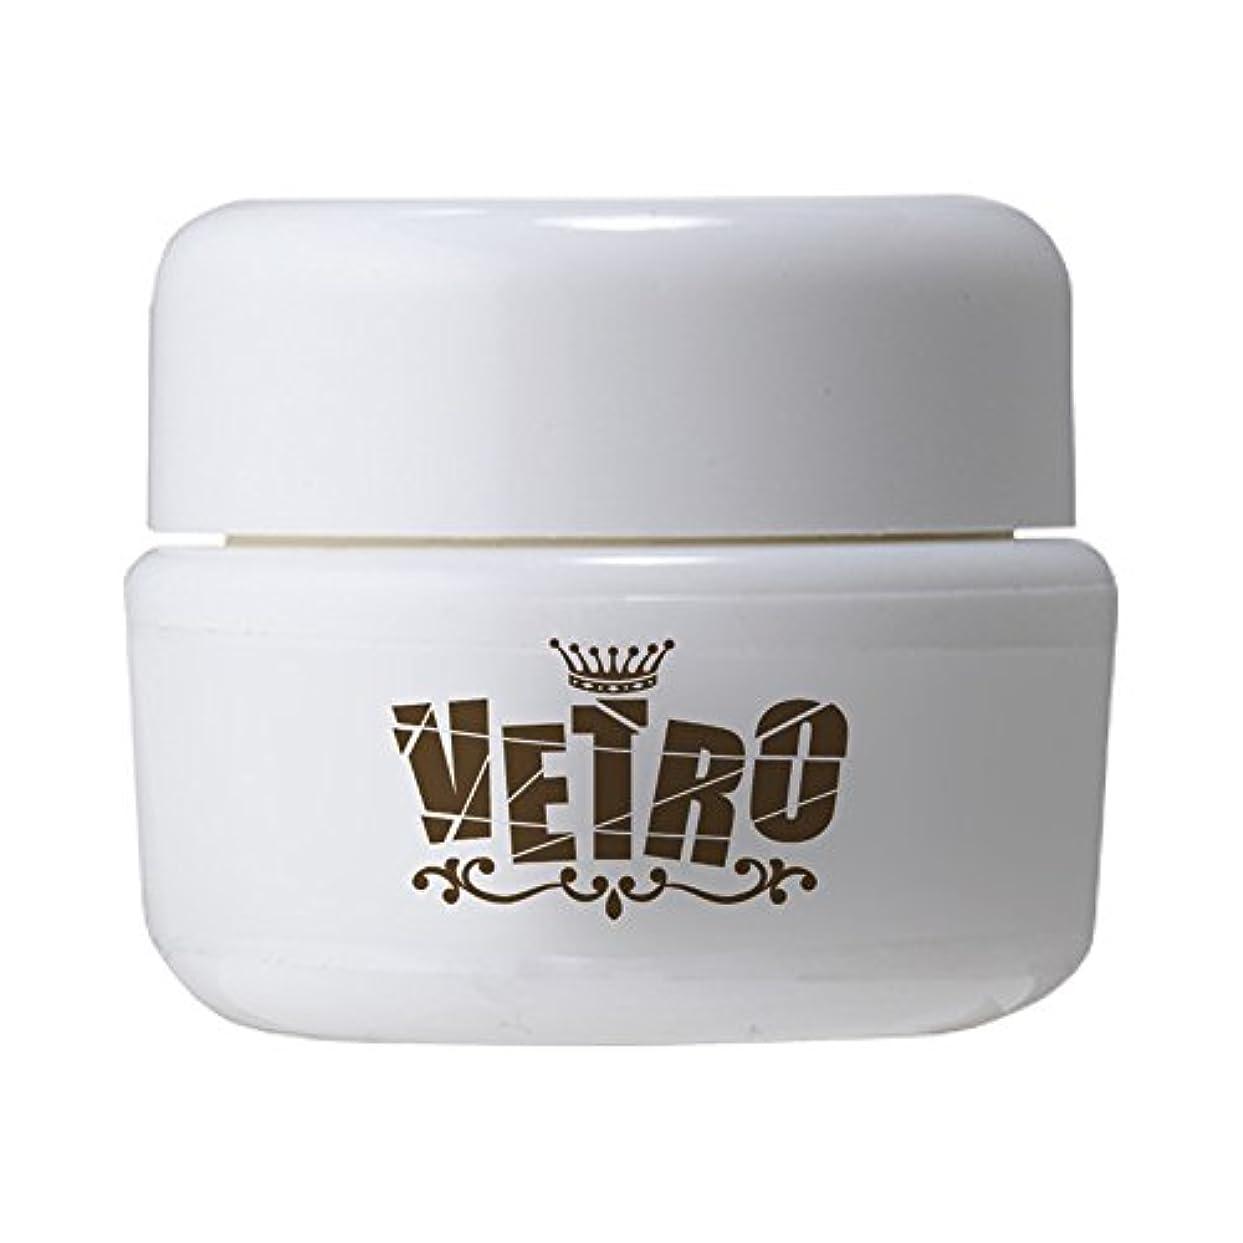 たらい配偶者家庭教師VETRO No.19 カラージェル マット VL360 グラフィッティ 4ml